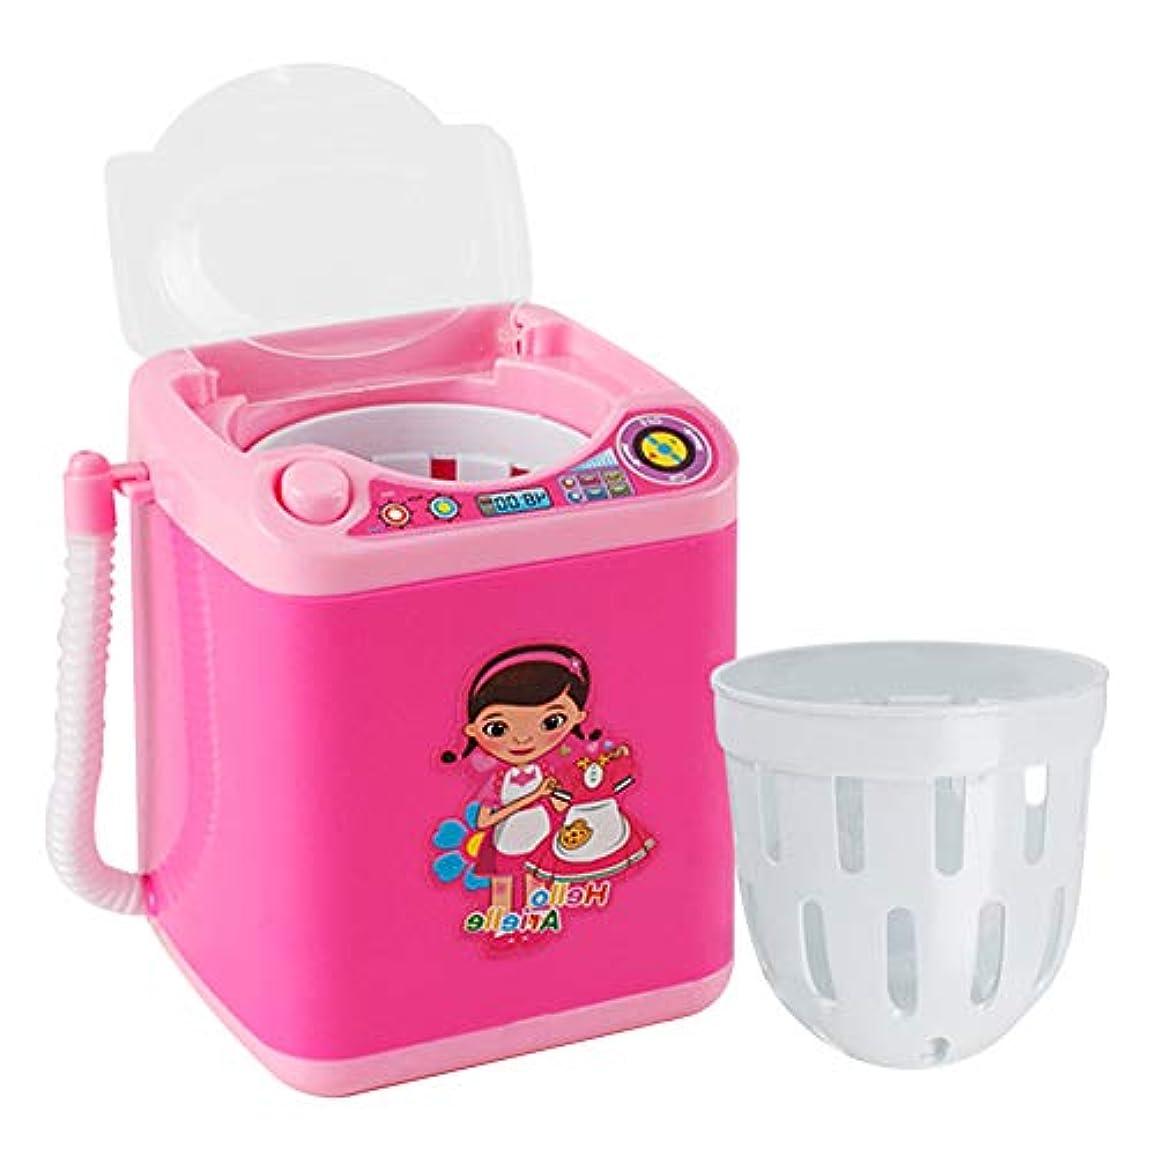 音節ジョイントかどうかメイクアップブラシクリーナー、ミニ自動メイクアップブラシクリーニング装置、メイクアップブラシを清潔に保ち、自動かつ迅速なクリーニング(ピンク)